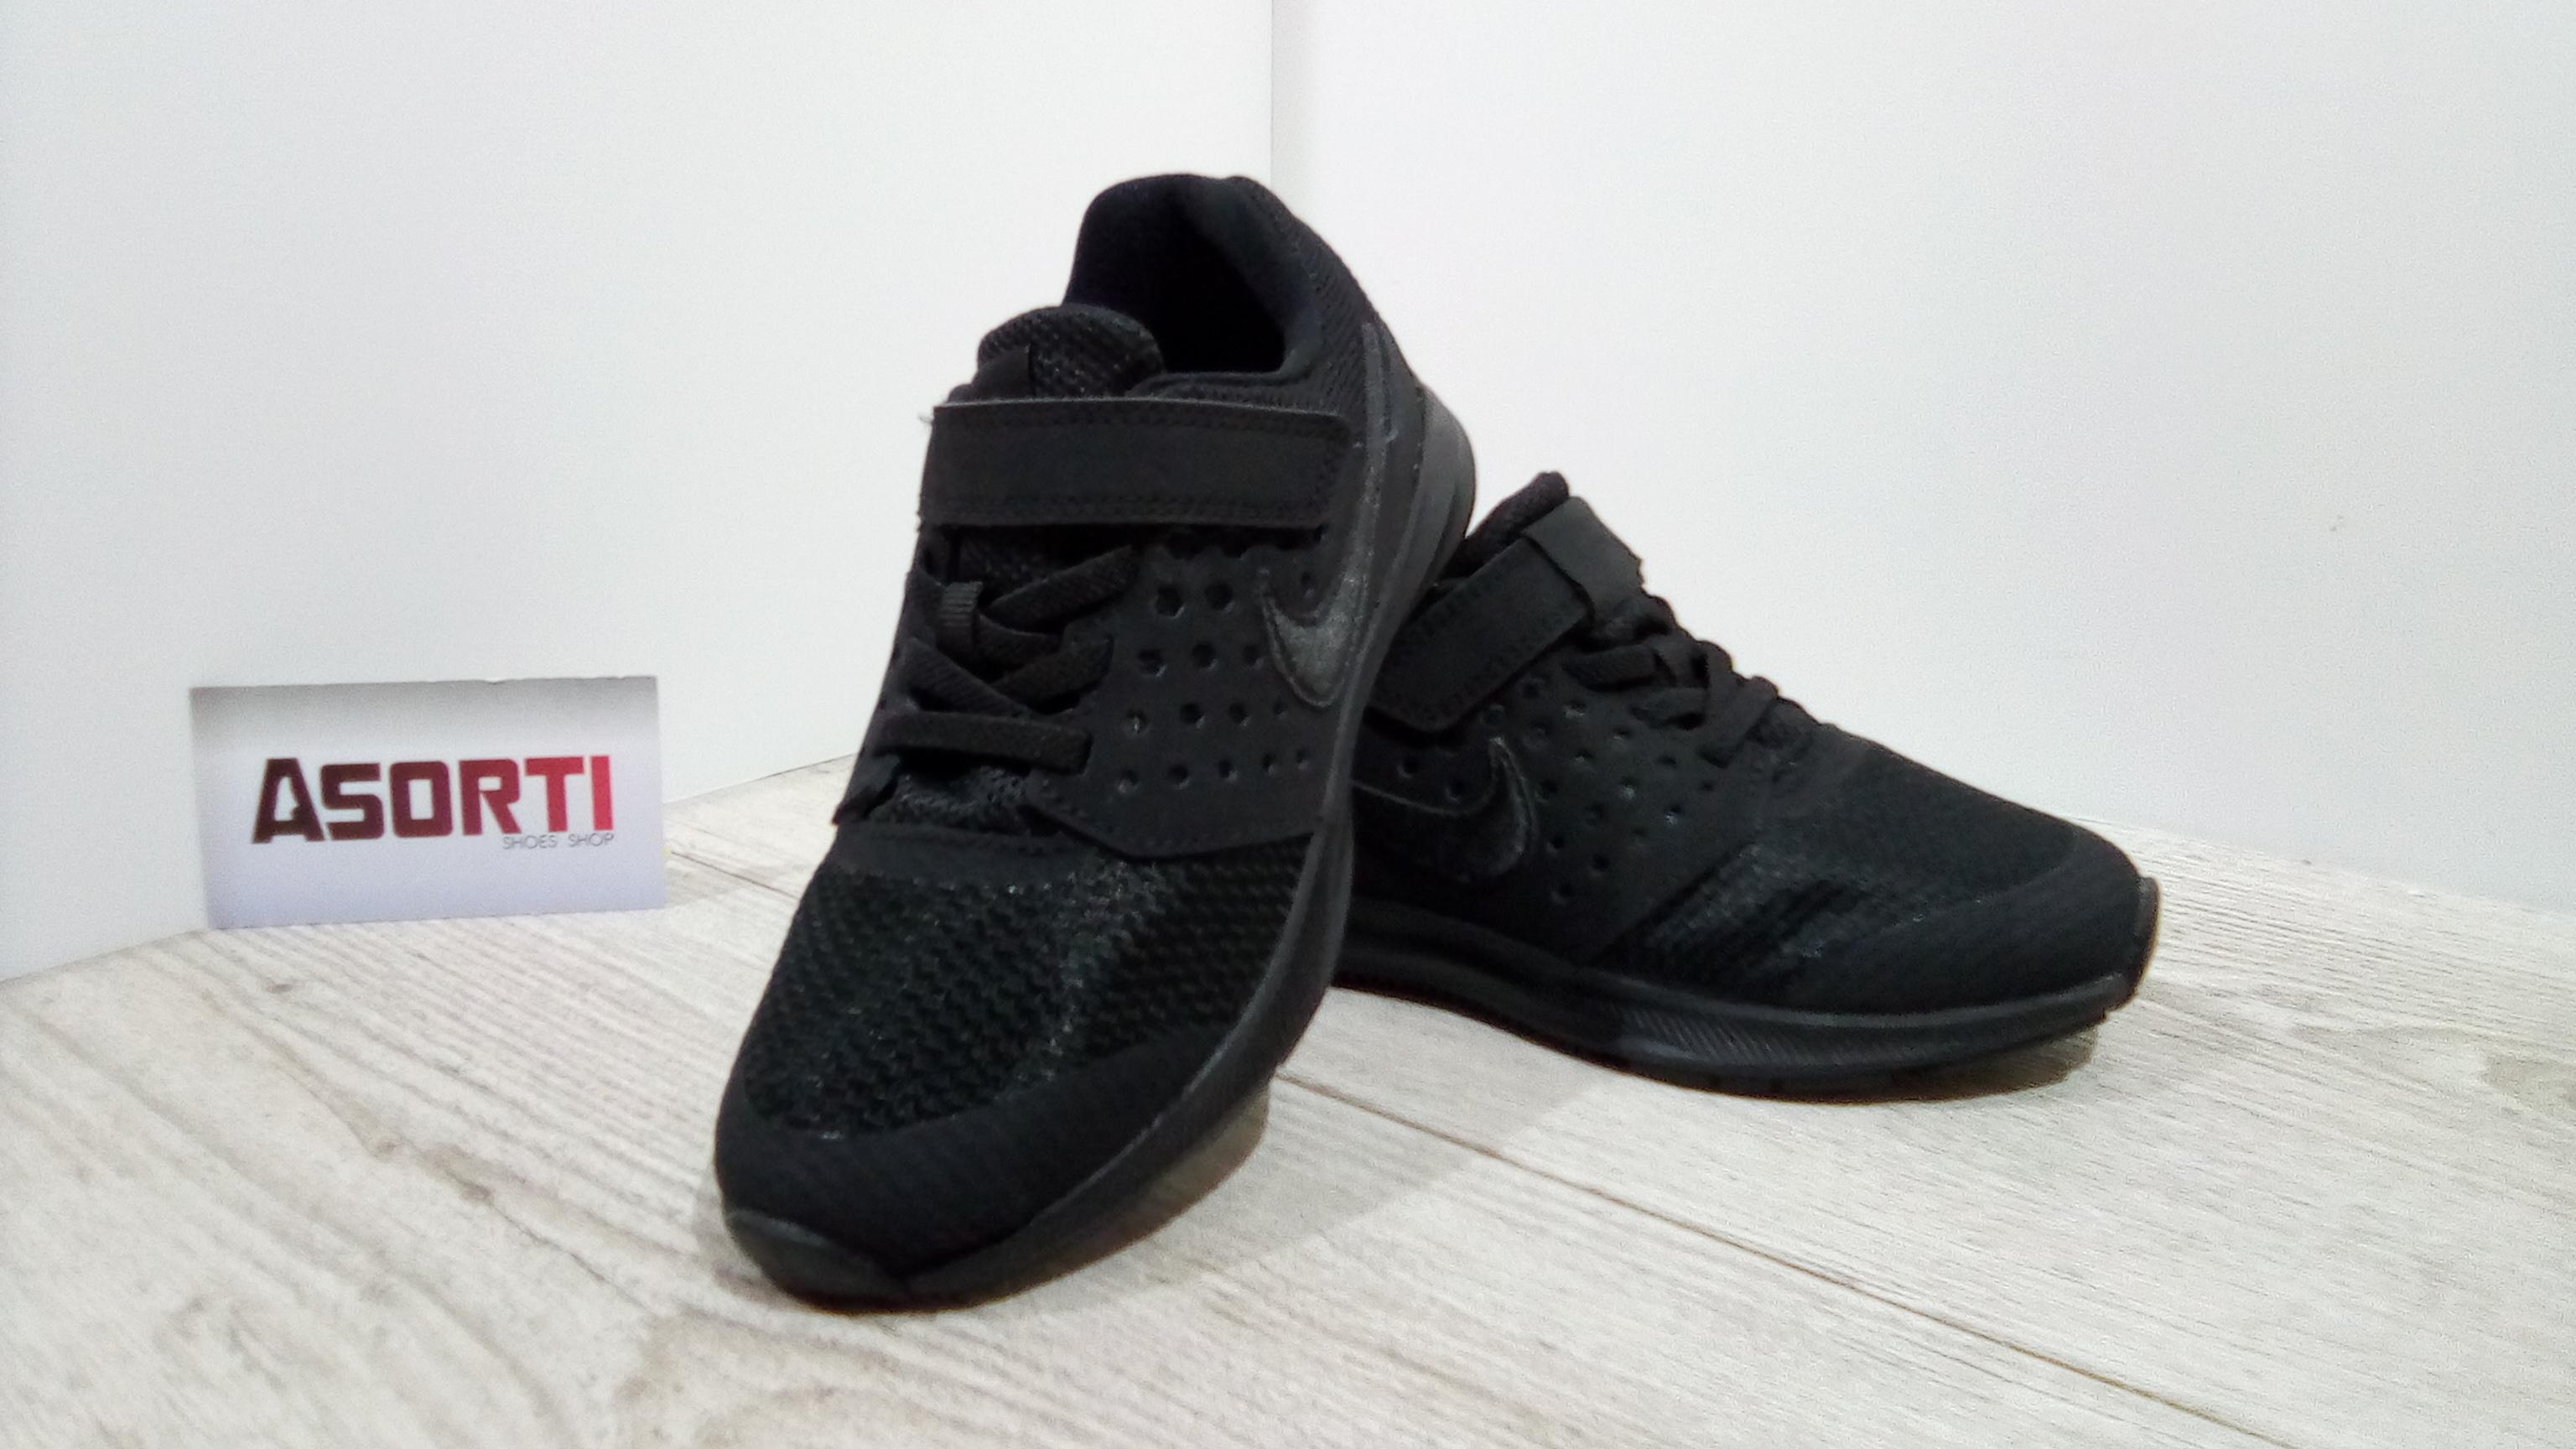 47bc8e27a2a806 Дитячі кросівки Nike Downshifter 7 PSV (869970-004) чорні купити в ...